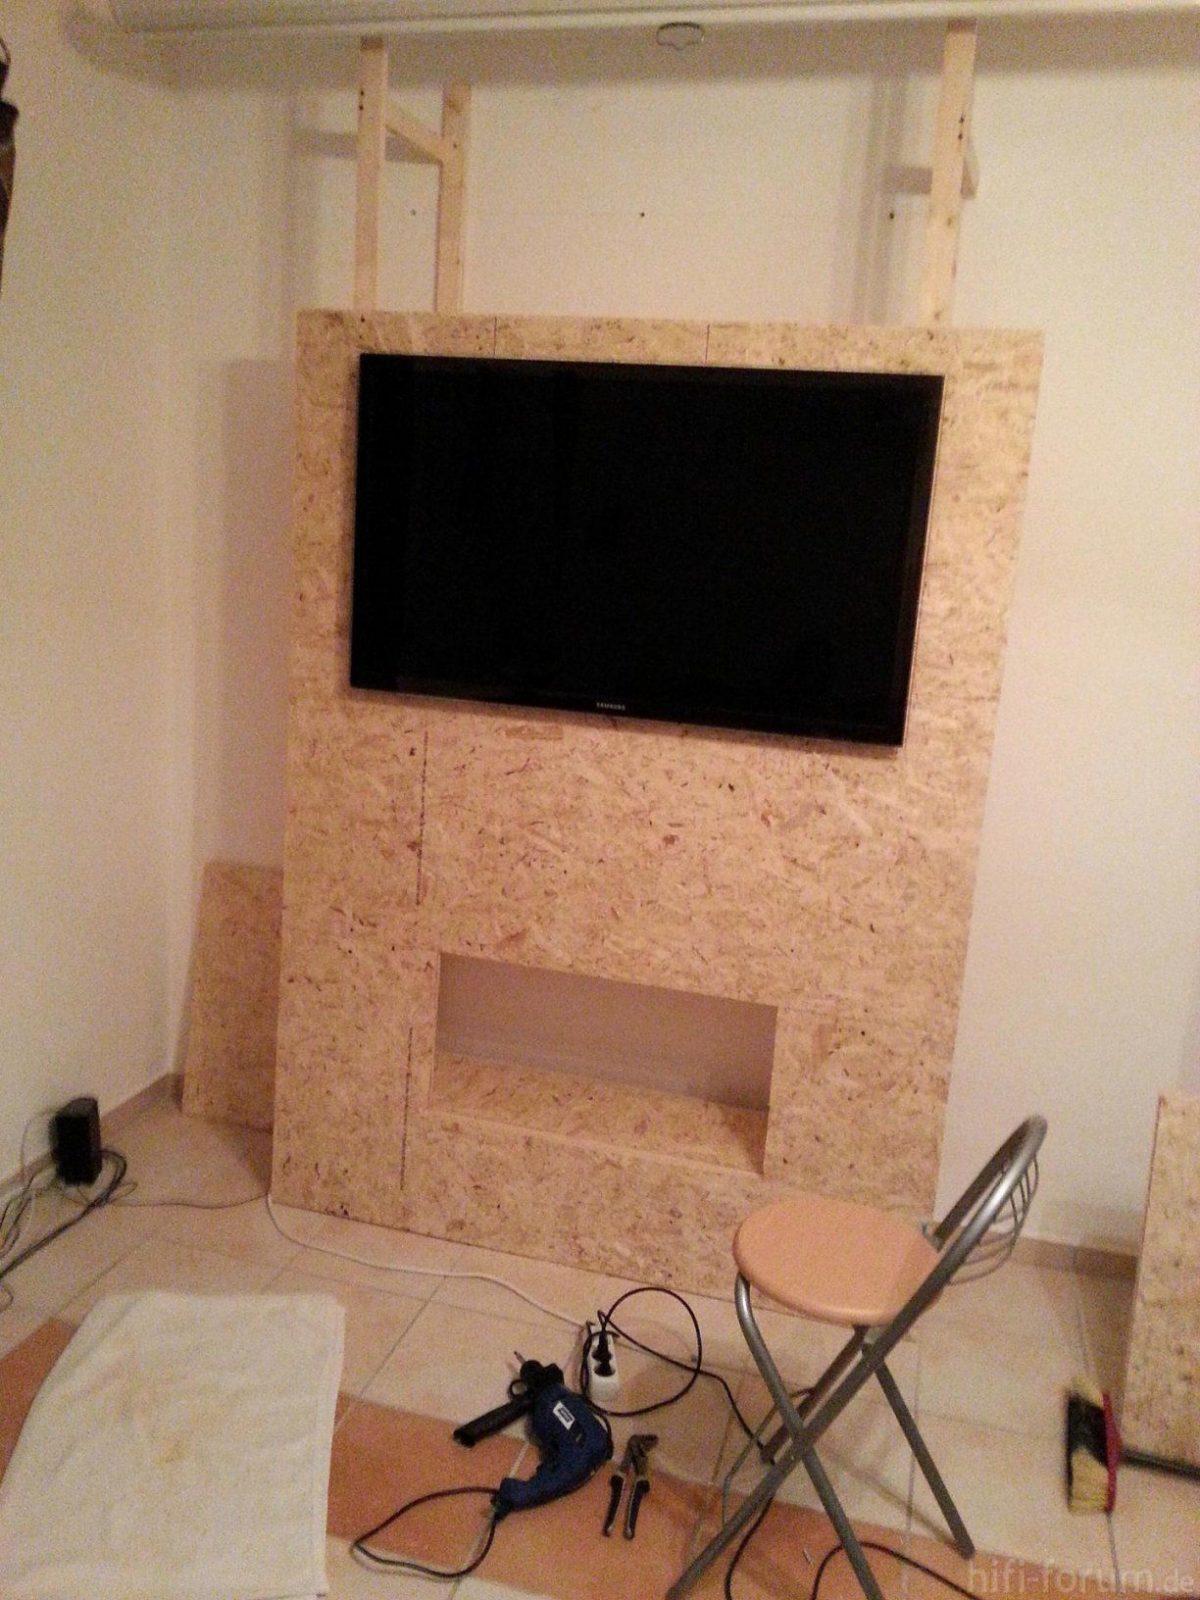 Tv Wand Freistehend Best Of Hifi Wand Selber Bauen  Wand Farbig von Tv Wand Bauen Anleitung Bild